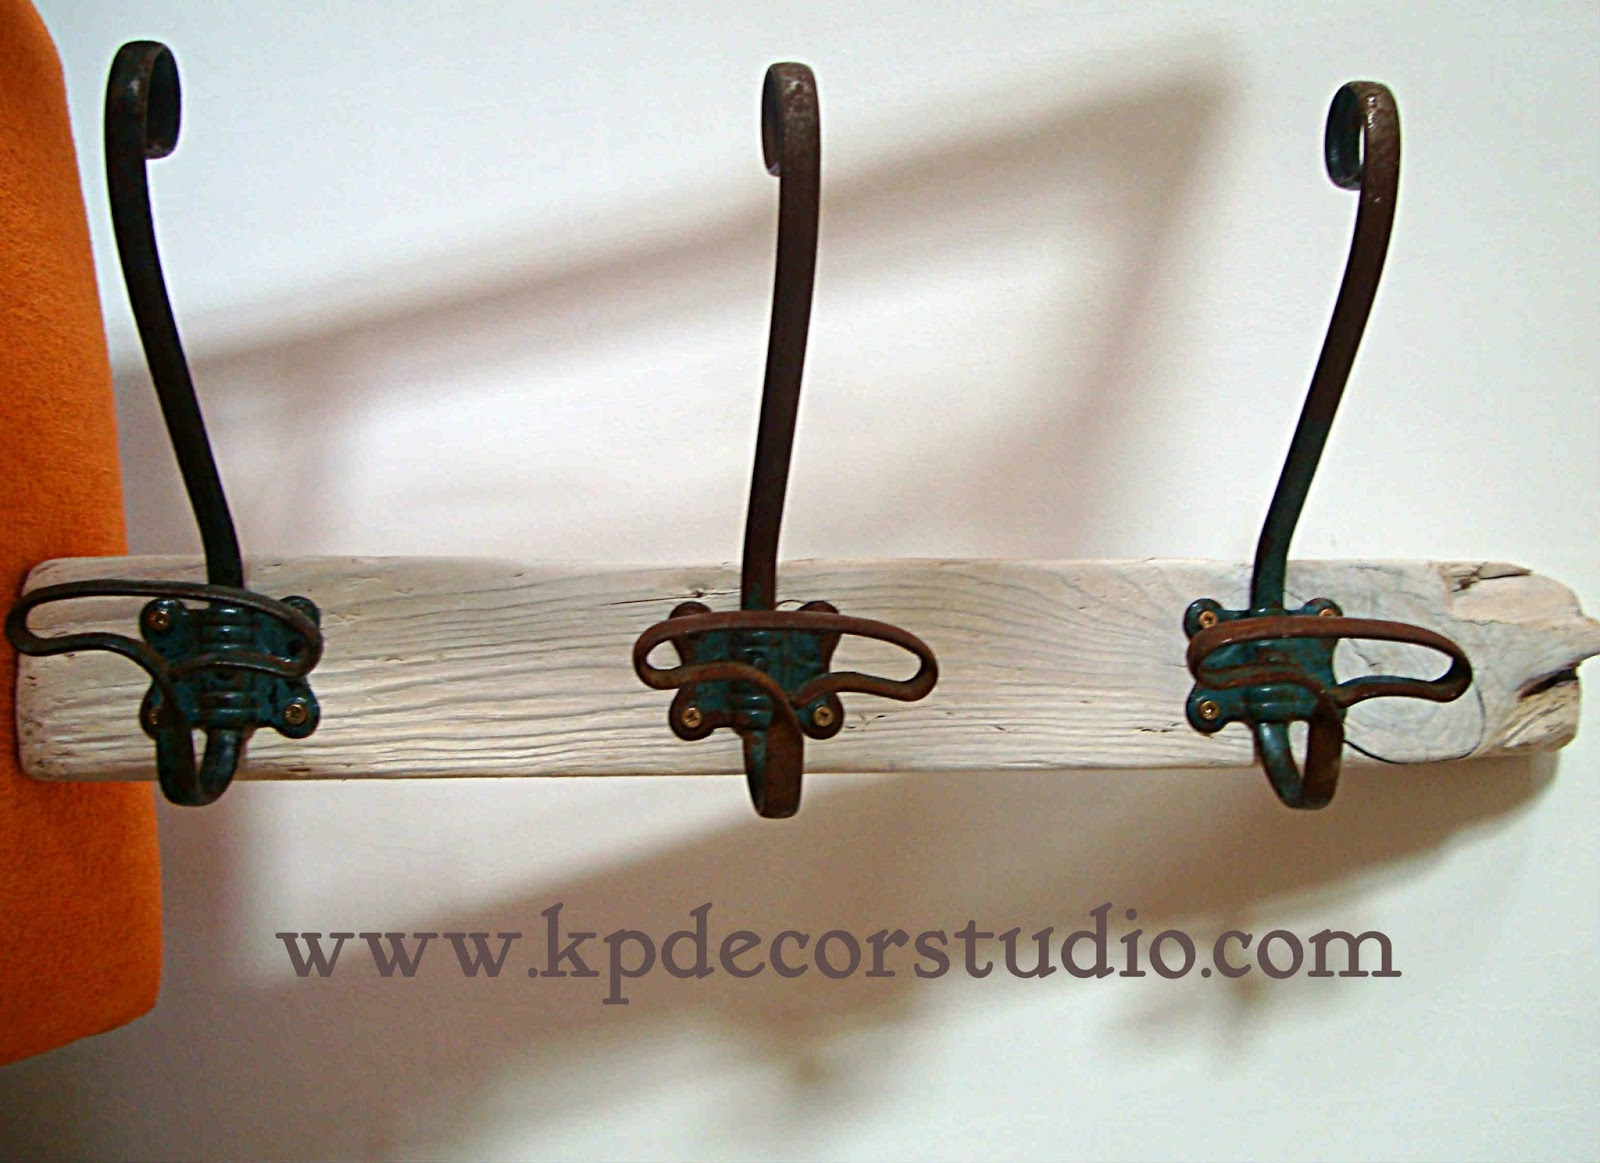 Kp tienda vintage online perchero artesanal de madera con - Percheros de pared originales ...